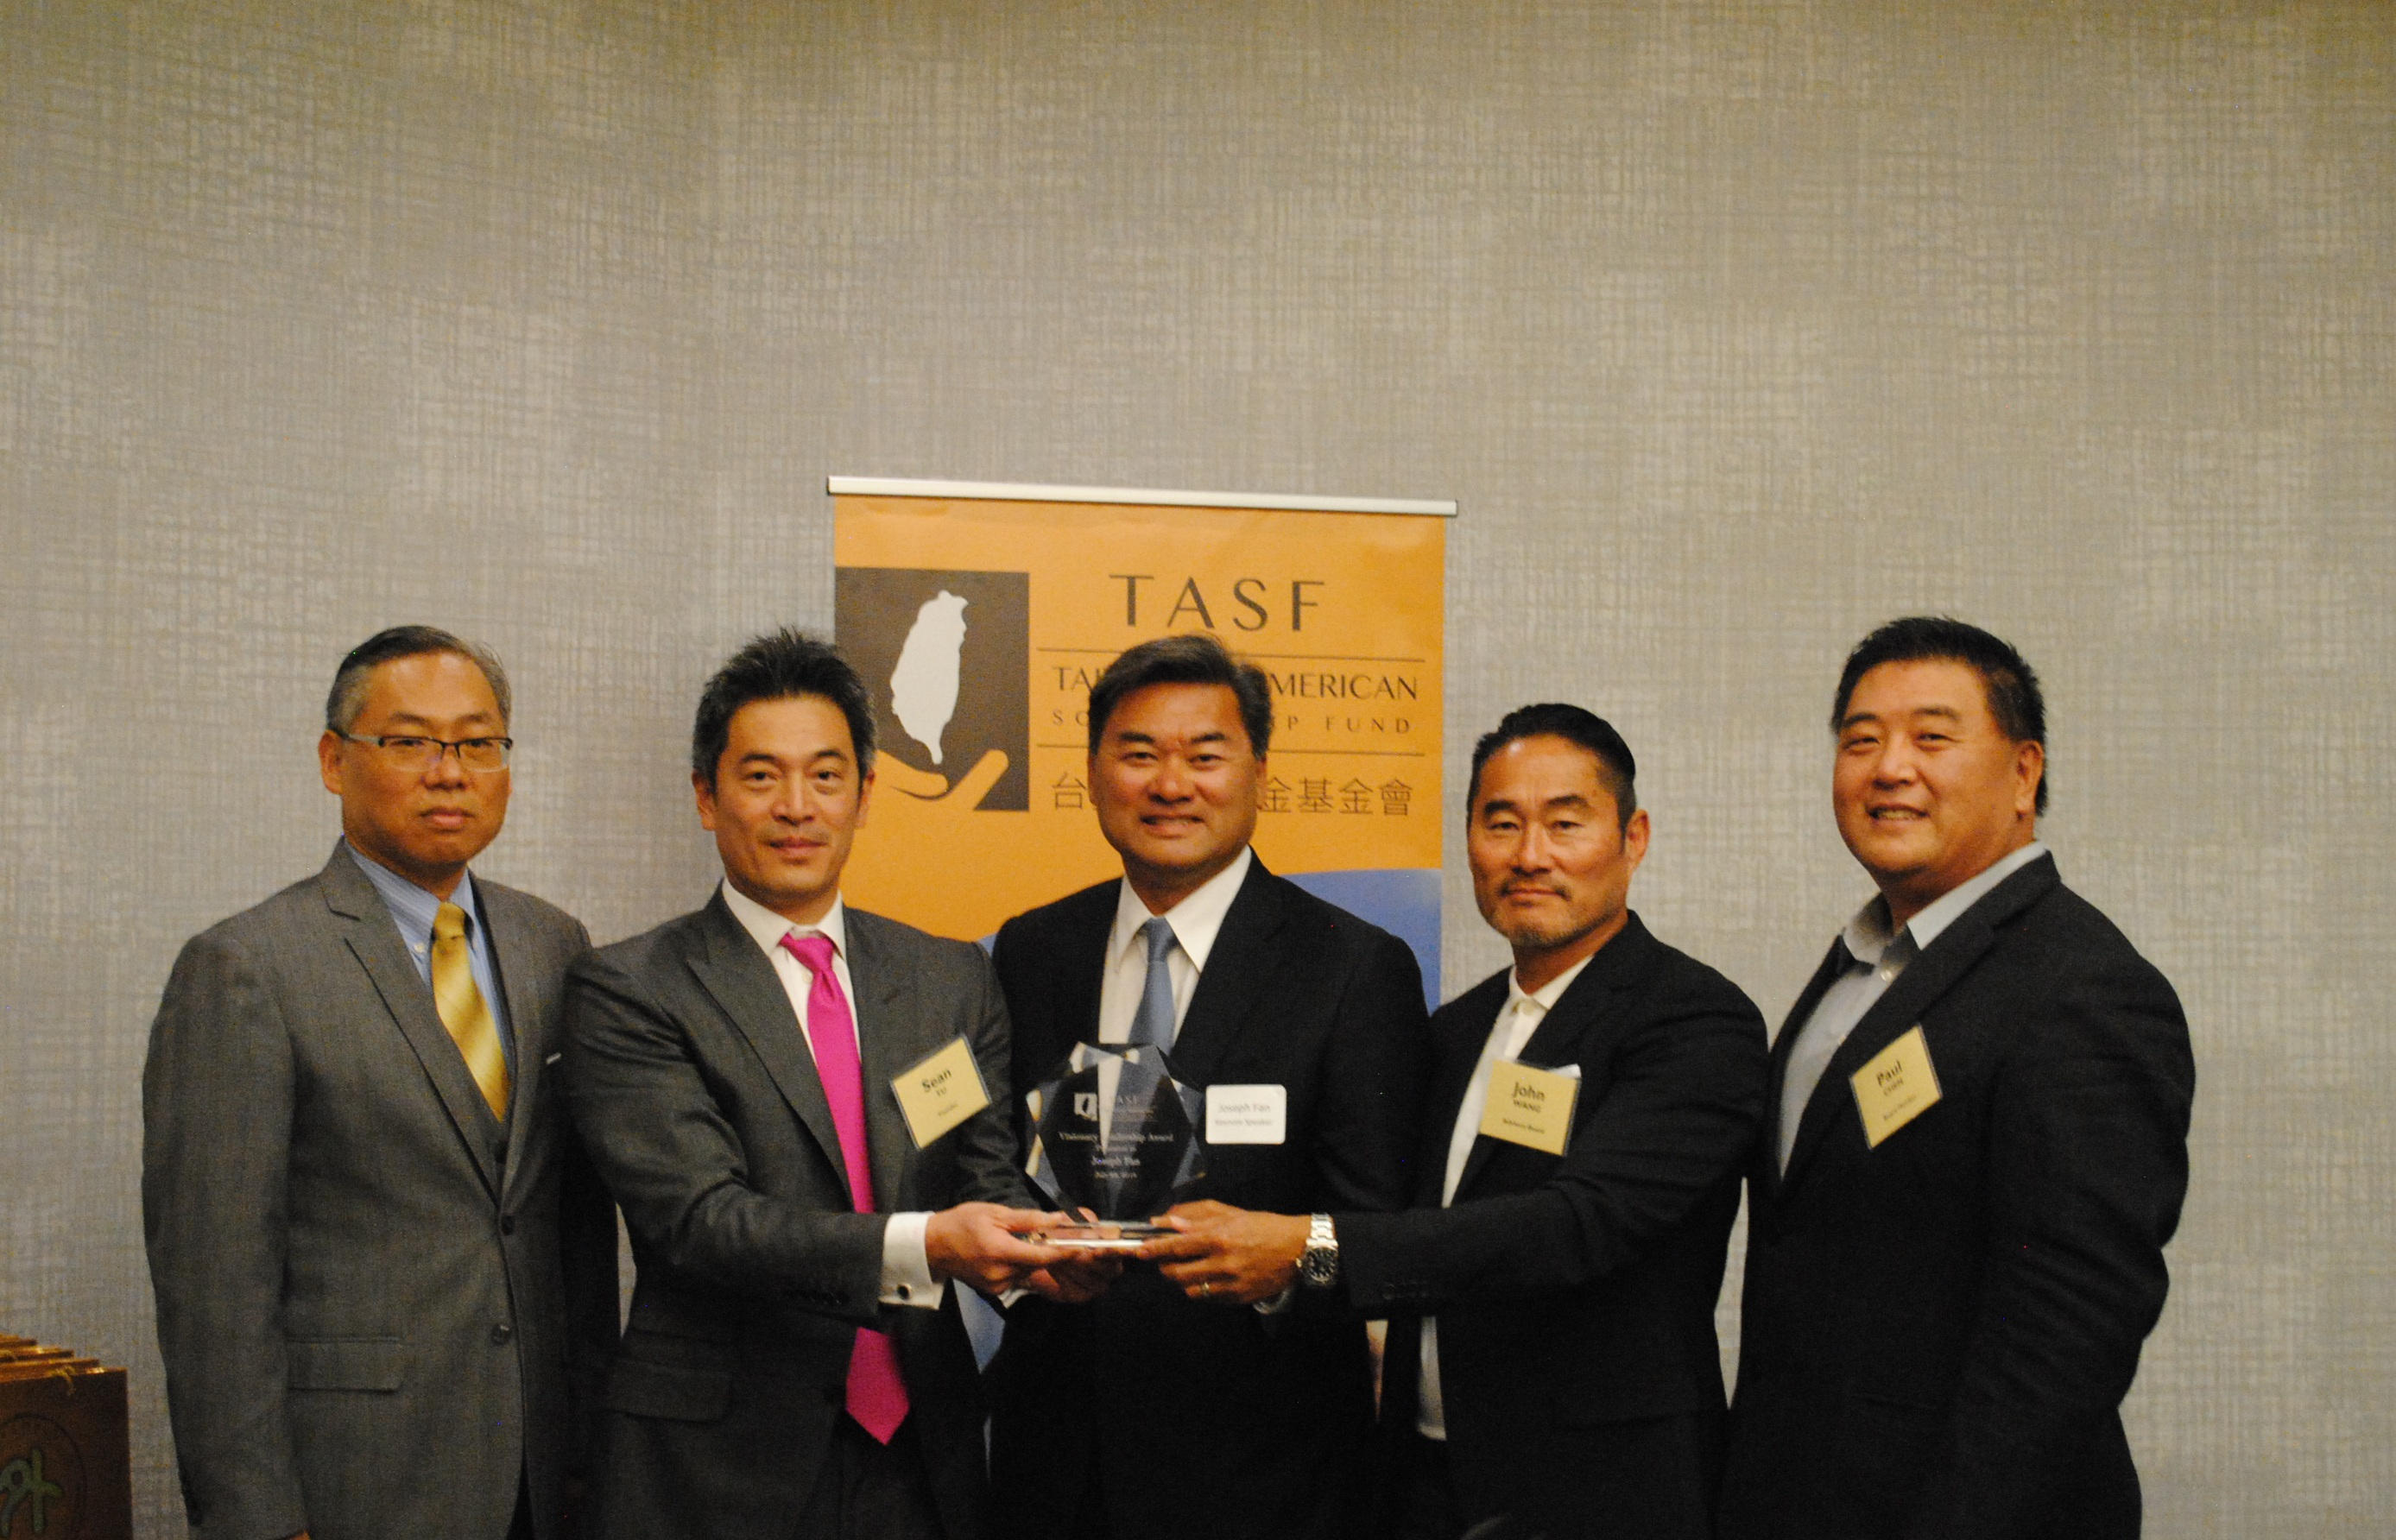 台美人獎學金基金會頒發遠見卓越領導獎給范約瑟(Joseph Fan)。記者李青蔚攝